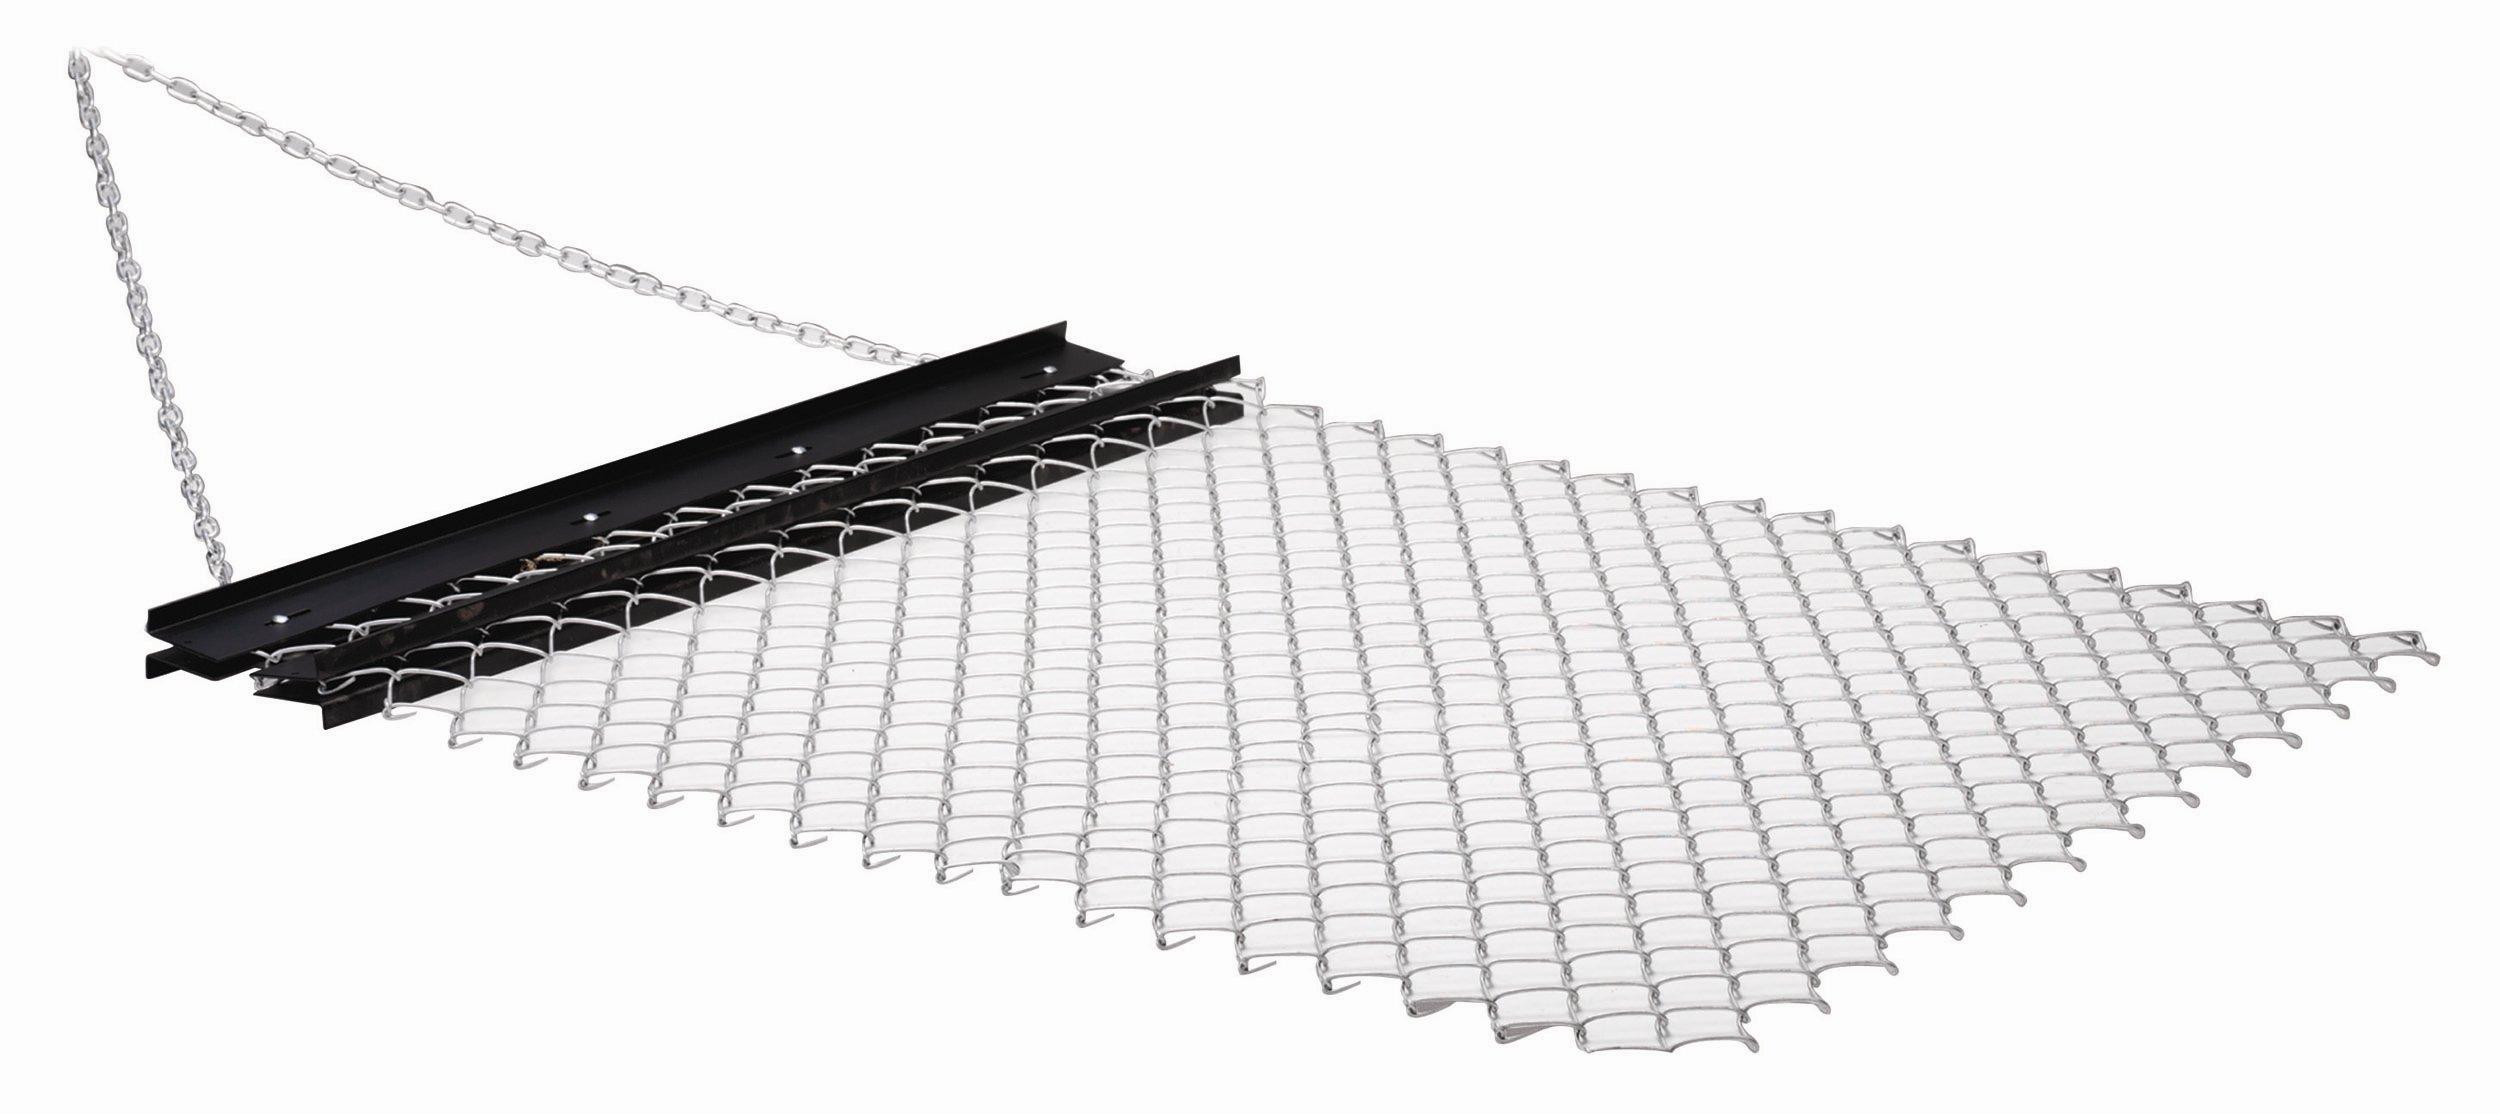 Steel Mesh Drag Mat 5x3Ft Ground Baseball Softball Field Soil Leveling Equipment